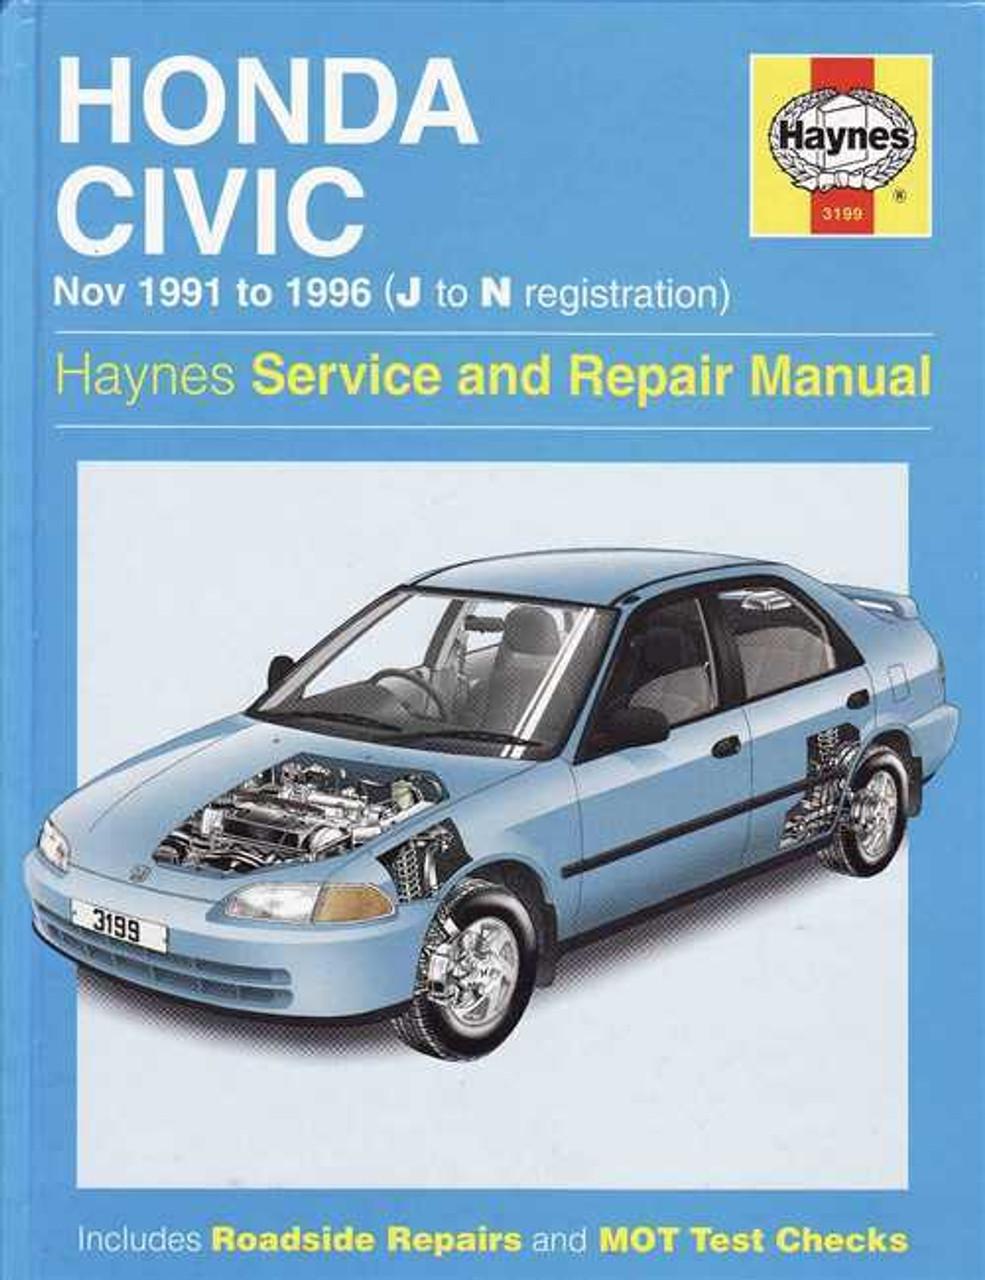 honda civic 1991 1996 workshop manual rh automotobookshop com au Online Repair Manuals Haynes Repair Manual 1991 Honda Civic